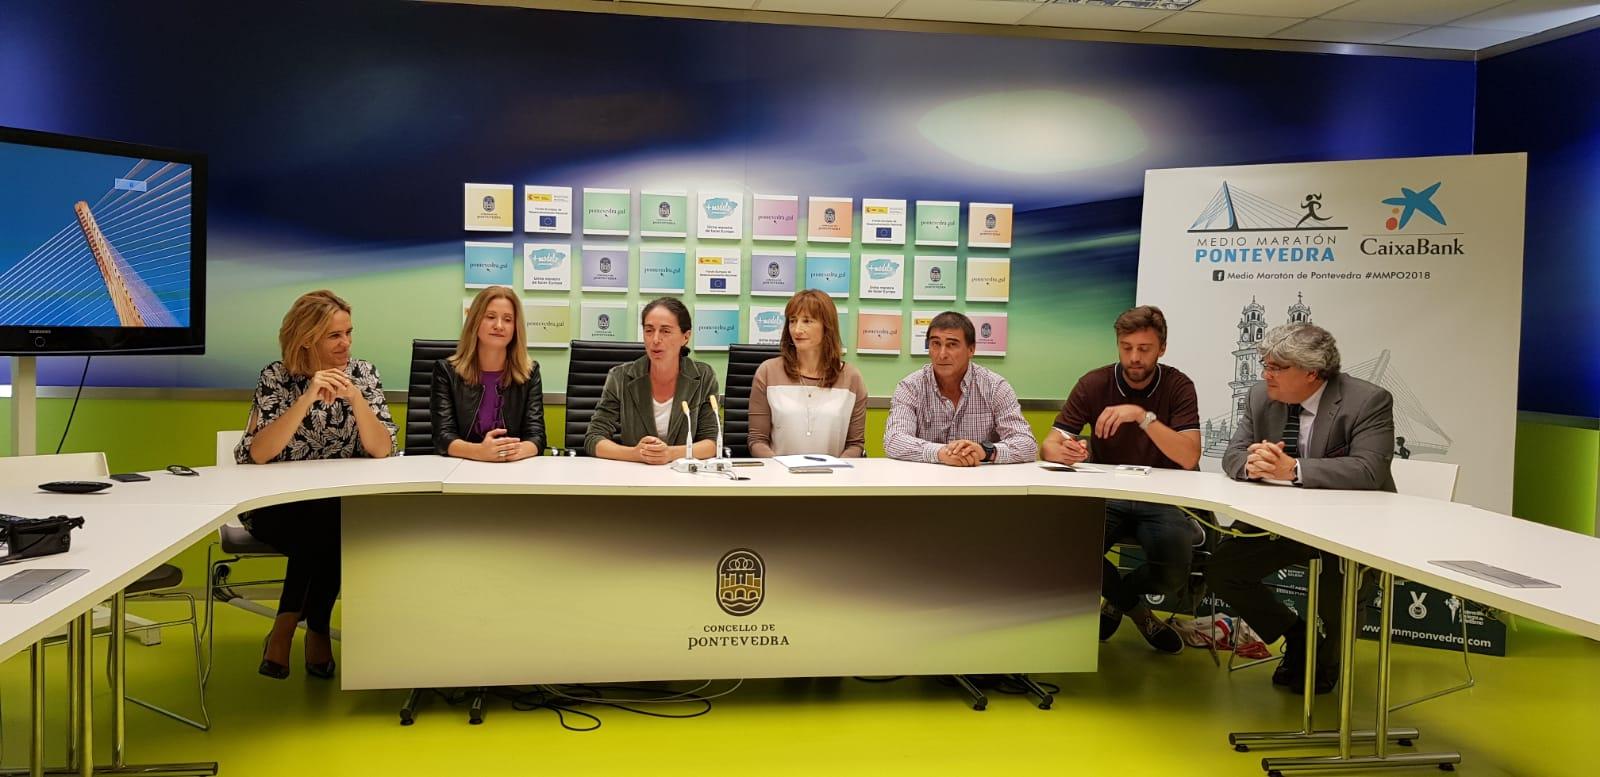 Presentación da Media Maratón de Pontevedra